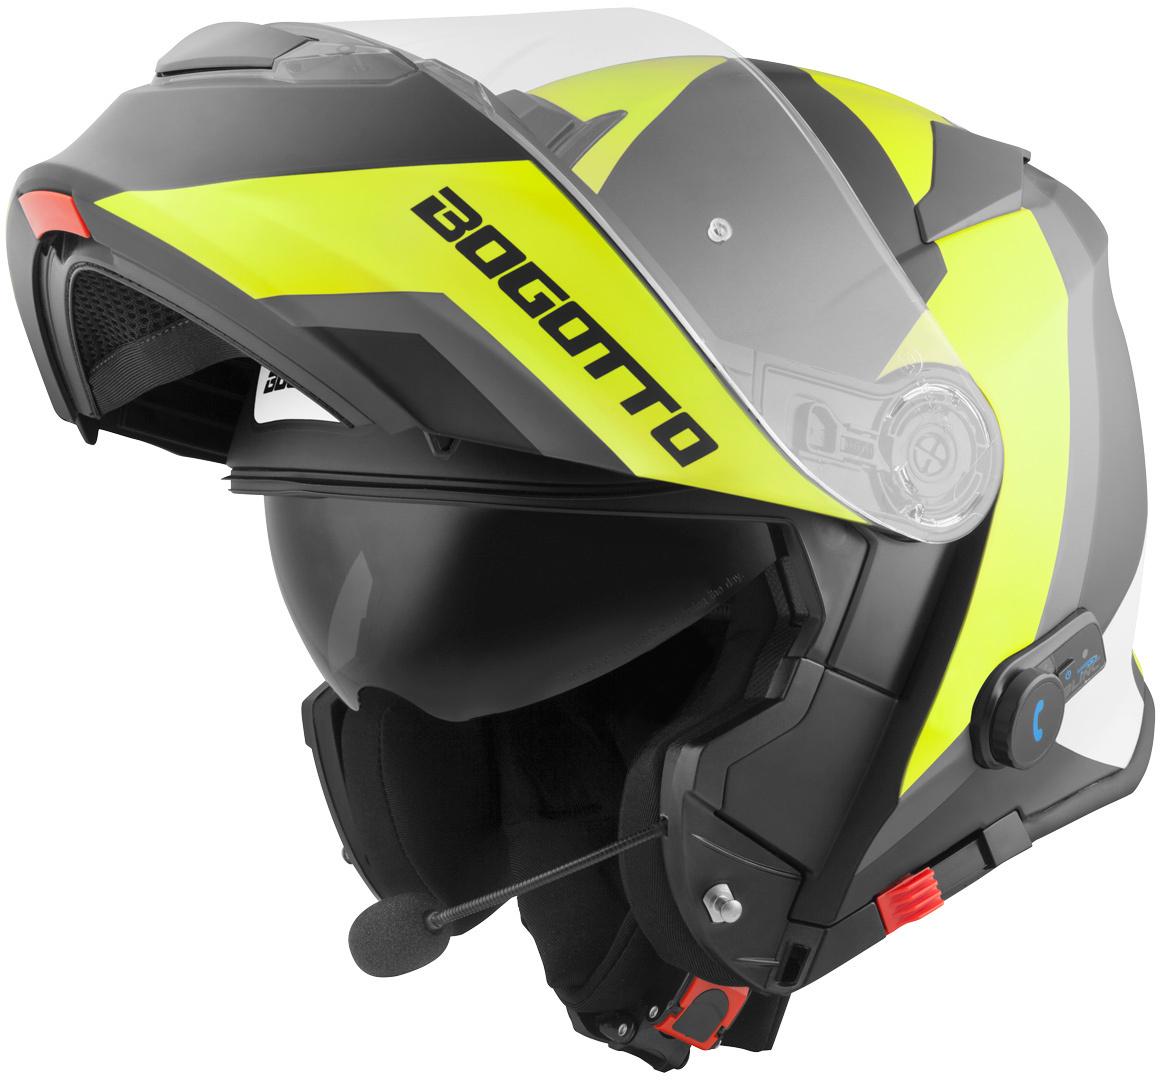 Bogotto V271 BT Zabu Bluetooth Klapphelm, schwarz-gelb, Größe 2XL, schwarz-gelb, Größe 2XL